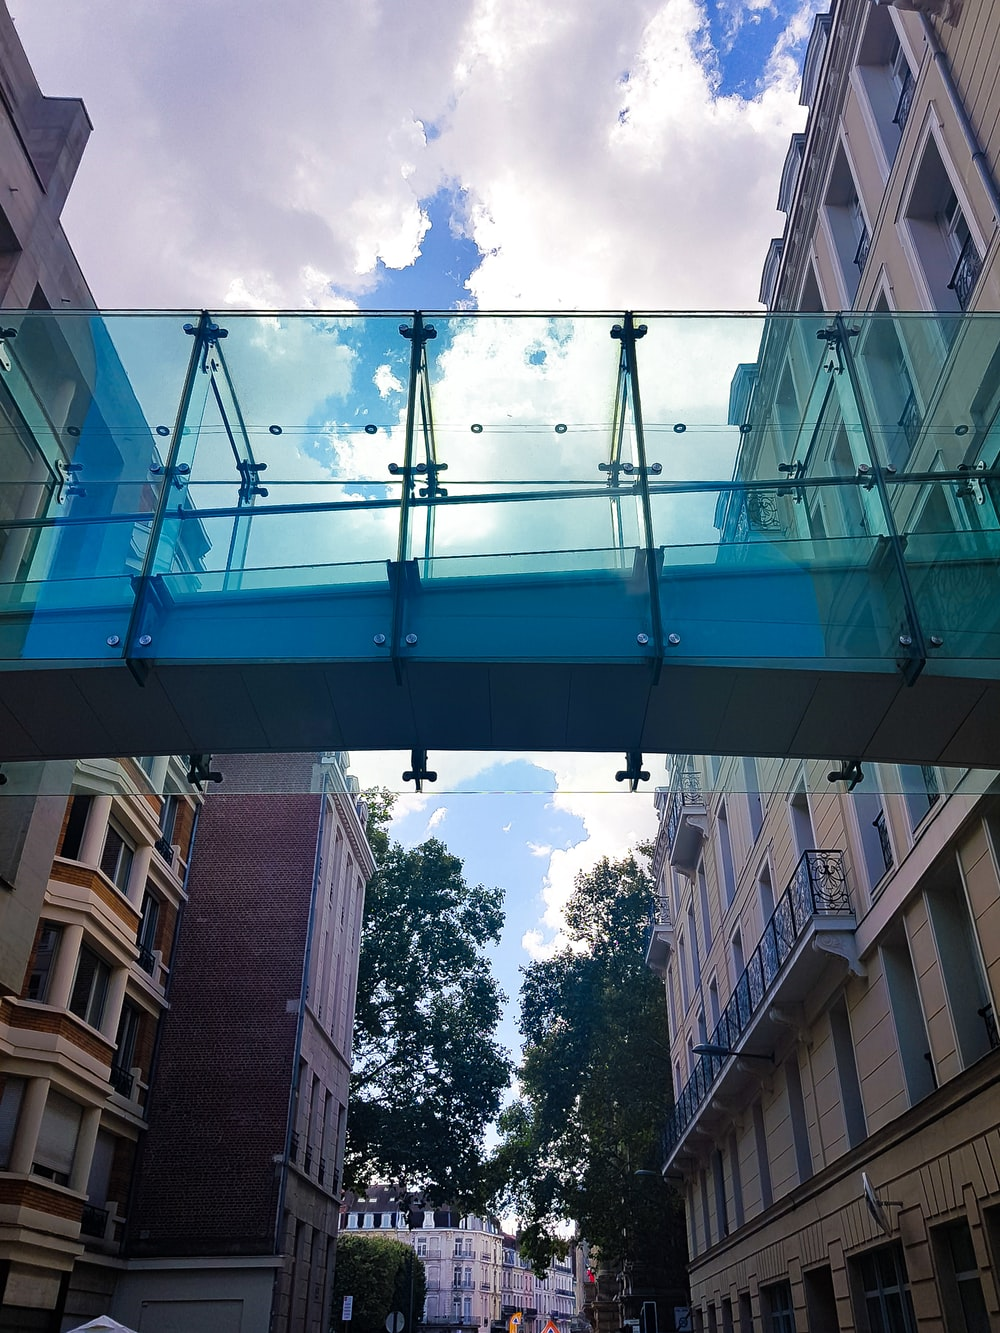 black bridge between buildings